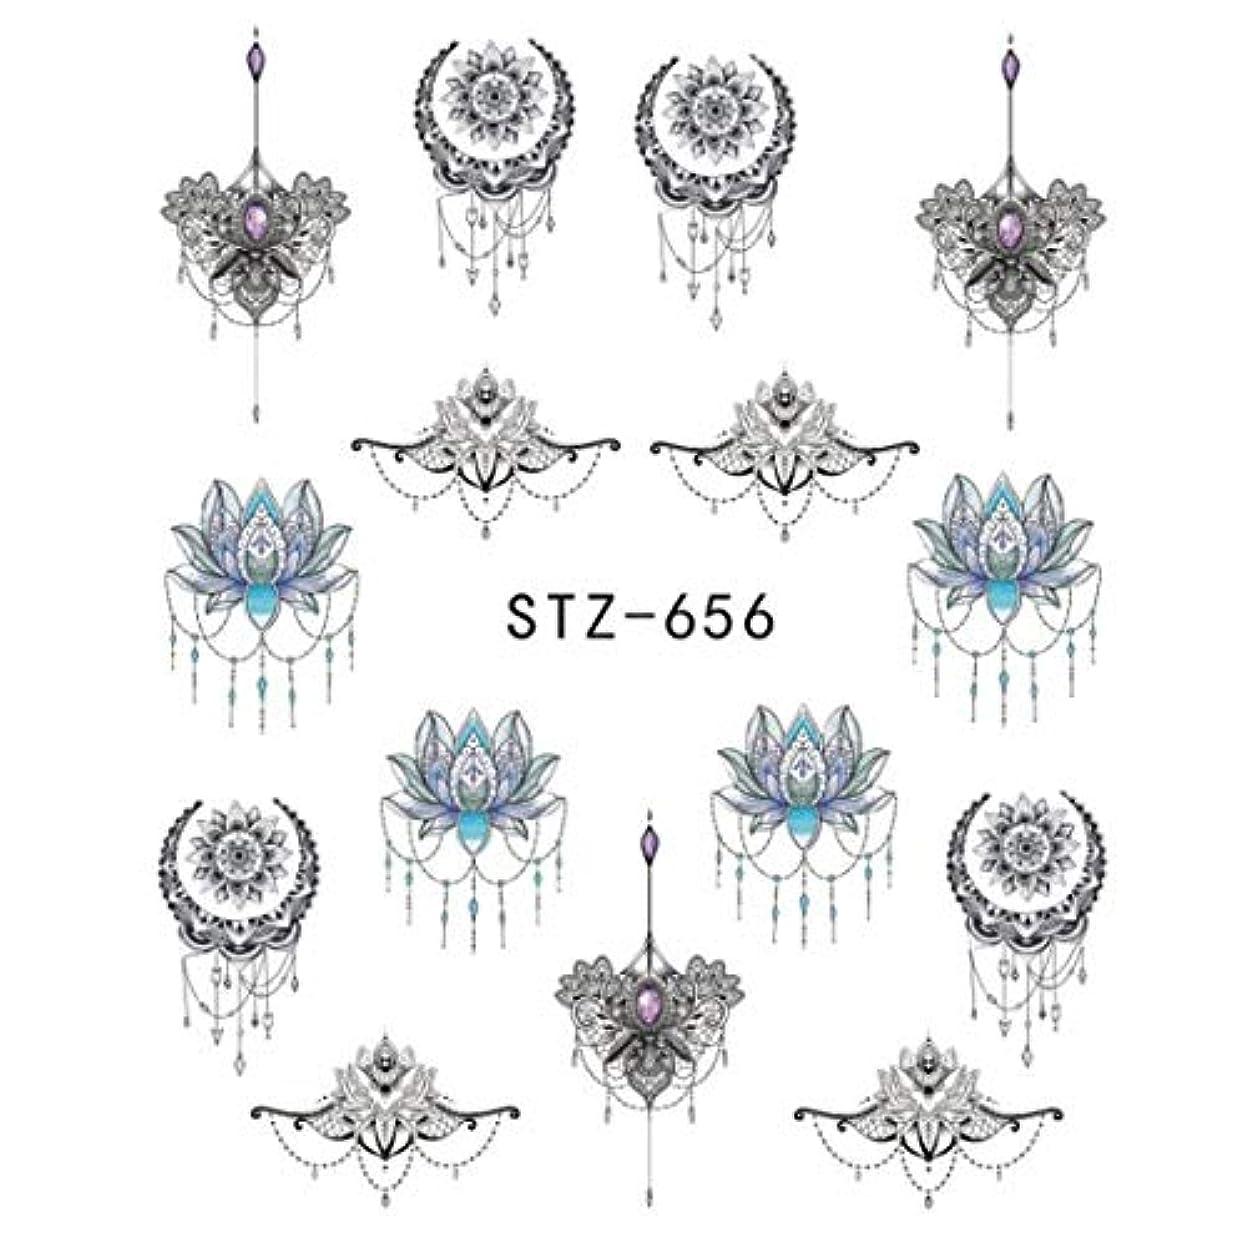 障害選ぶスキニーSUKTI&XIAO ネイルステッカー 1ピースゴージャスネックレスブラックレッドブルーステッカーネイルアートタトゥー水爪デザインネイルステッカー、Stz656